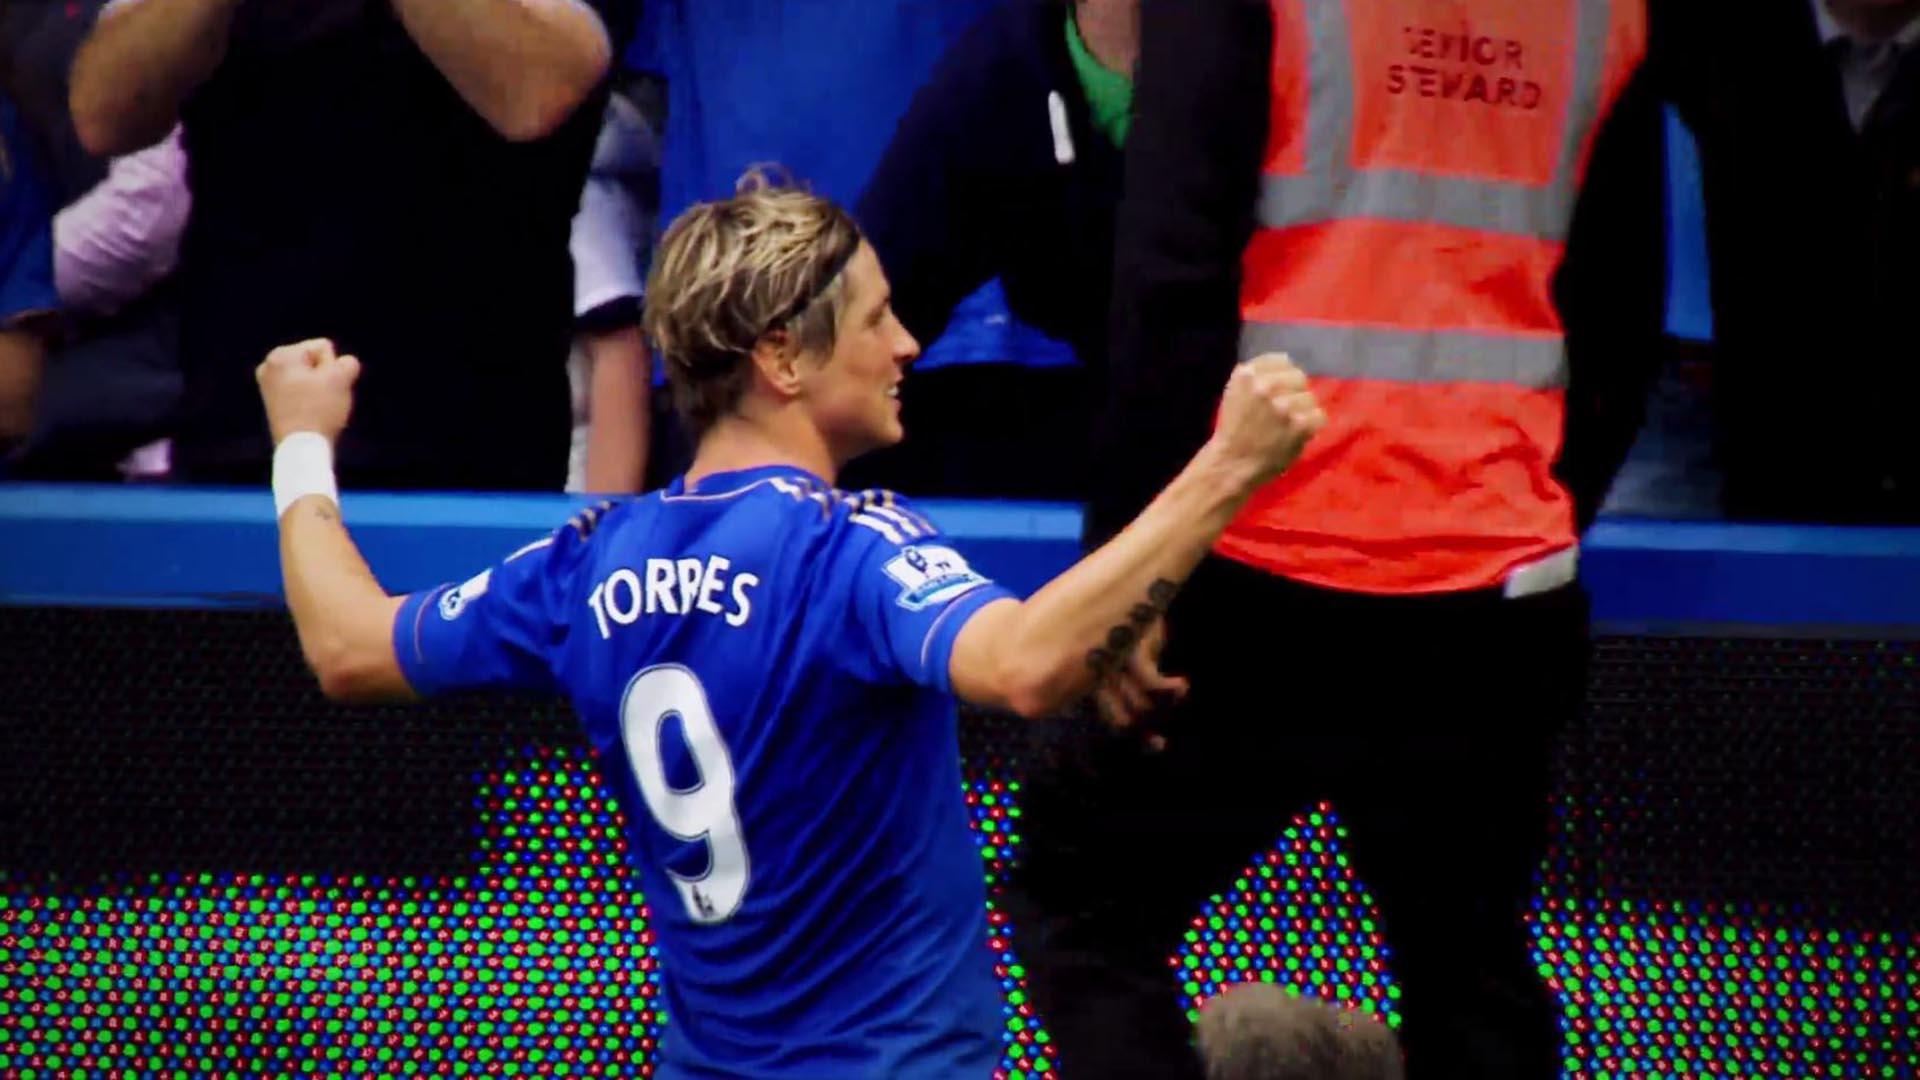 Chelsea v. Newcastle United: Top 5 Premier League goals